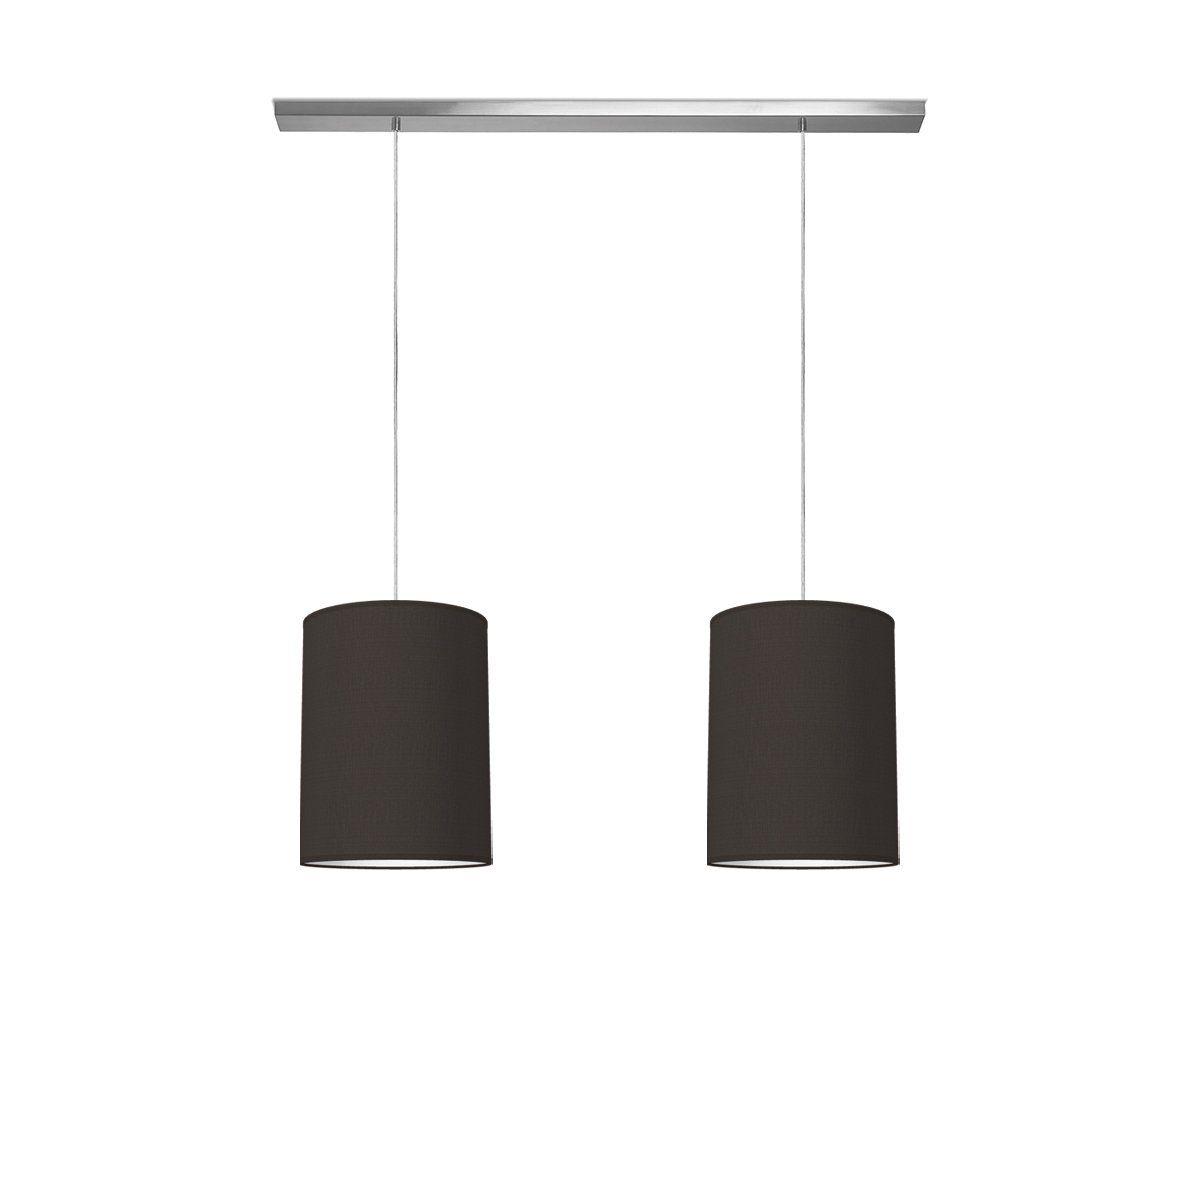 hanglamp beam 2 tube Ø 30 cm - zwart